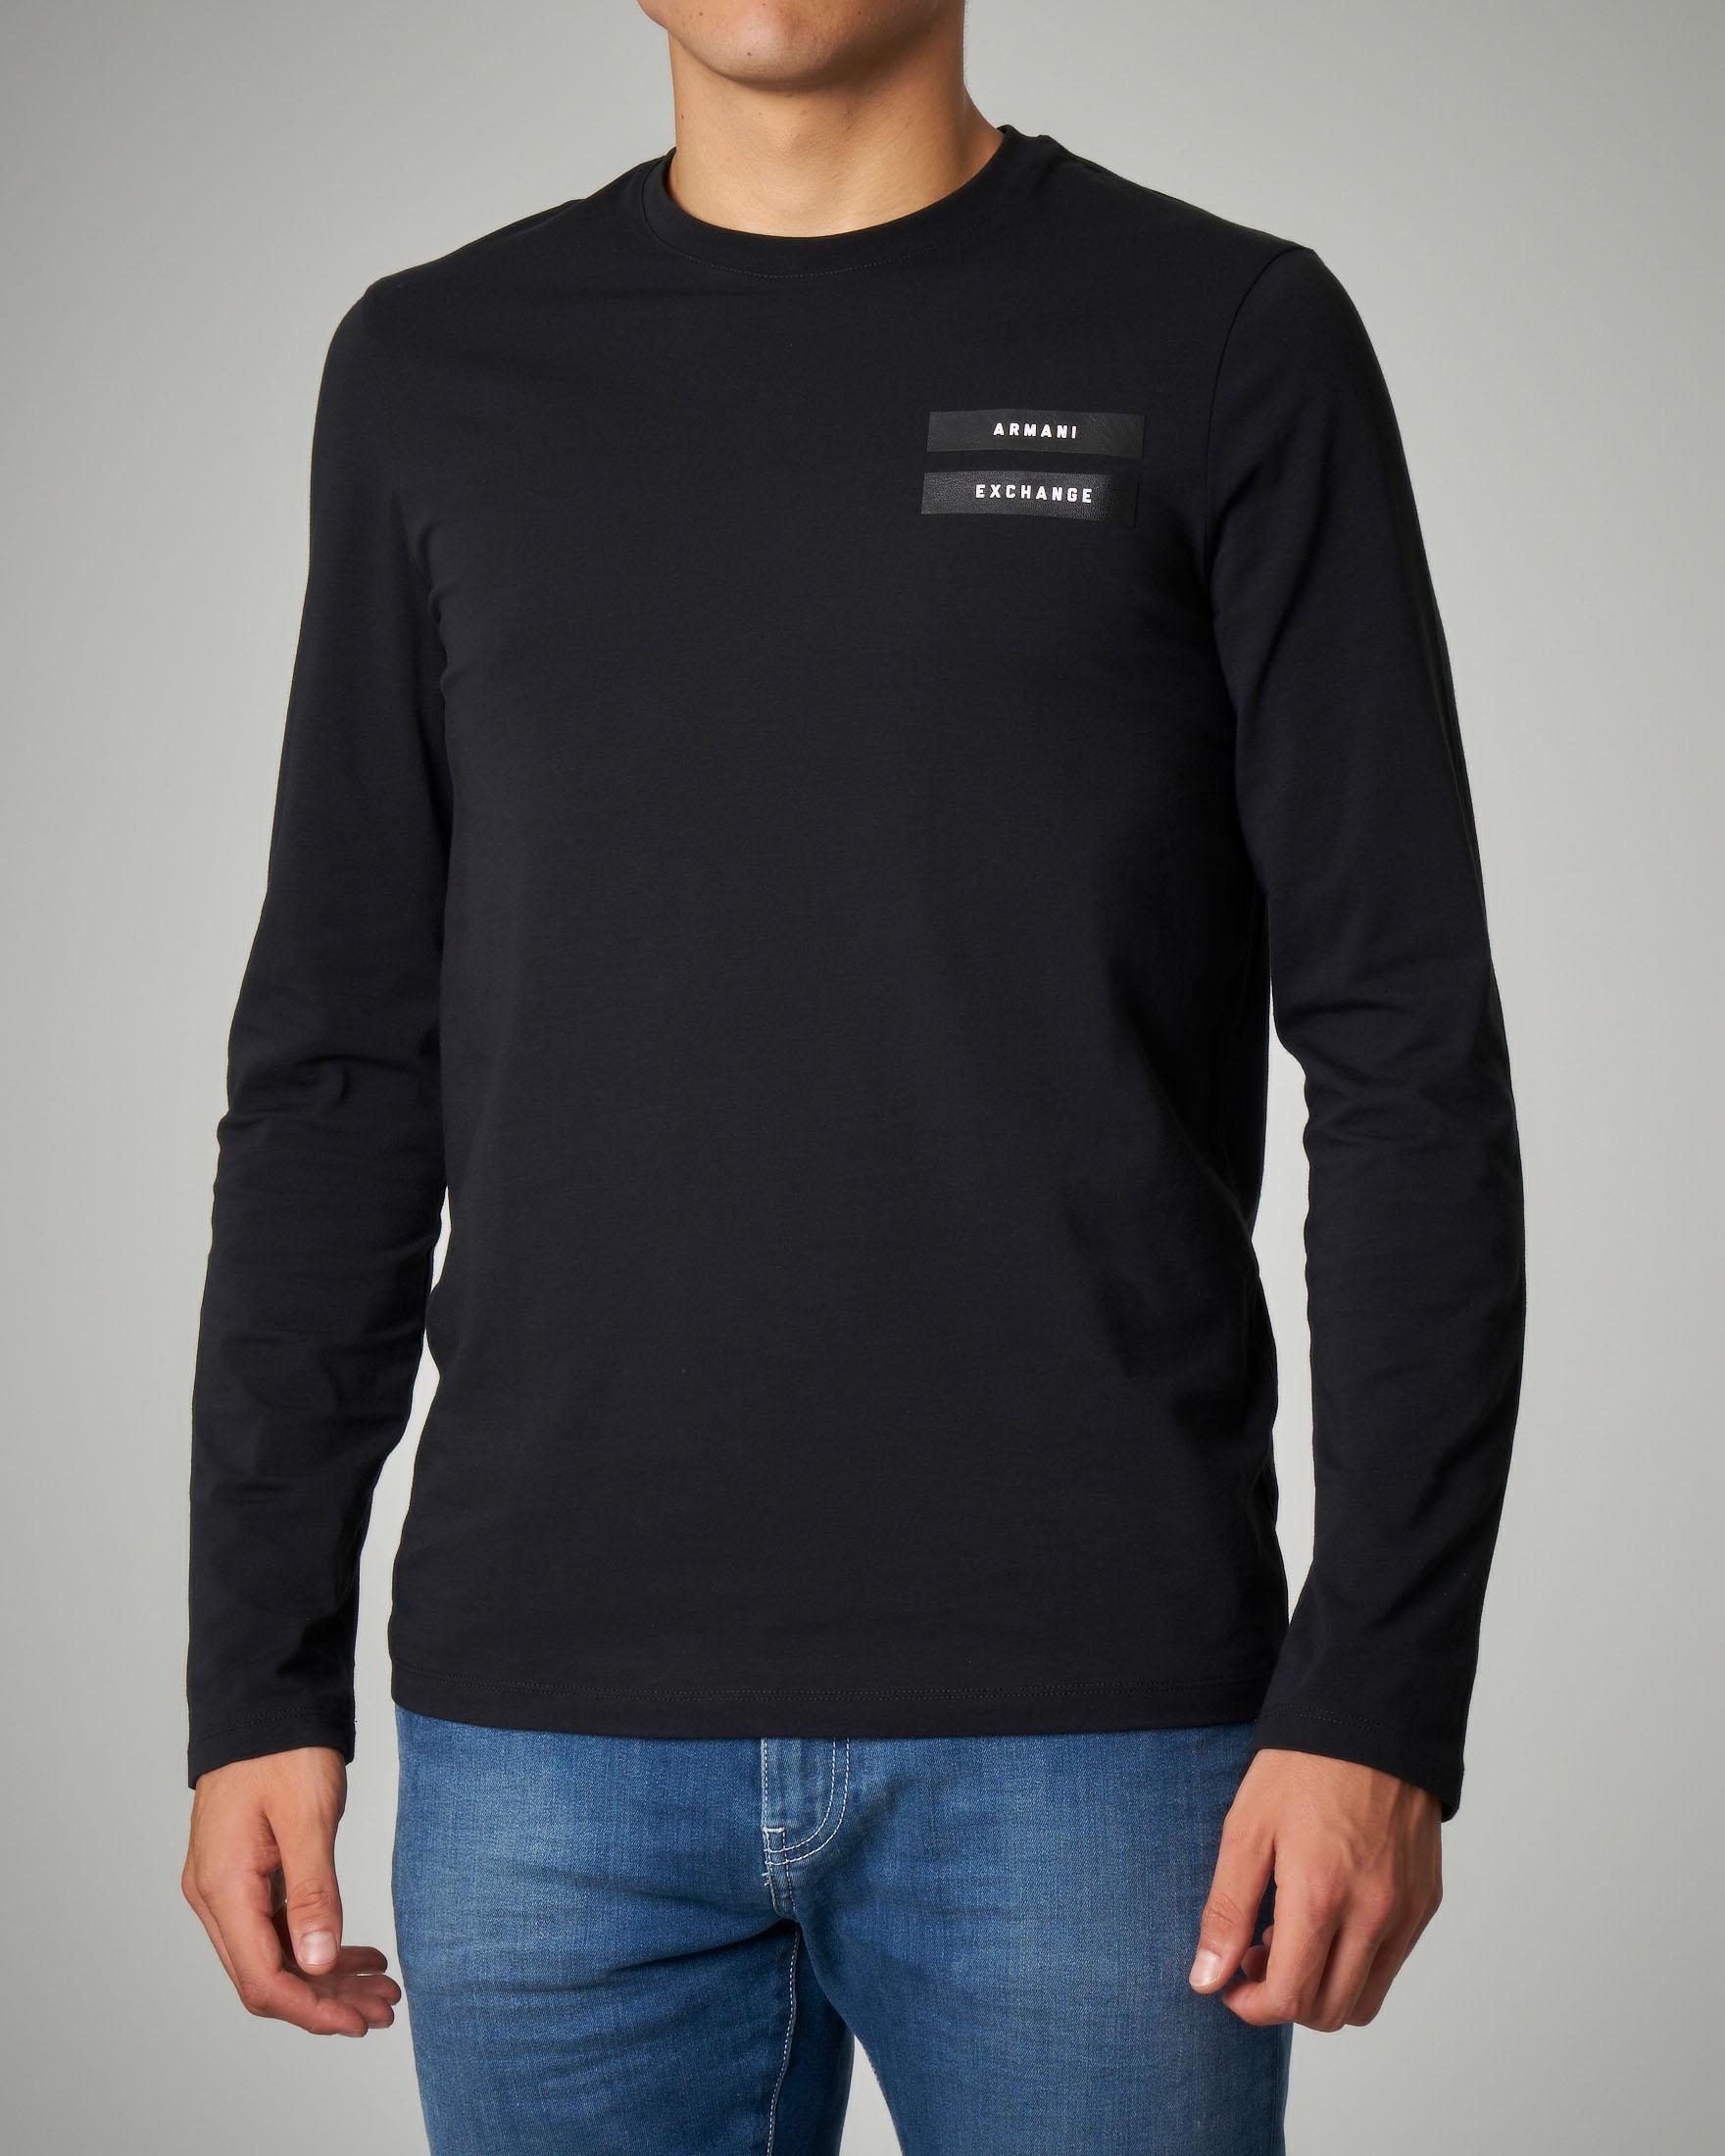 T-shirt nera a manica lunga elasticizzata